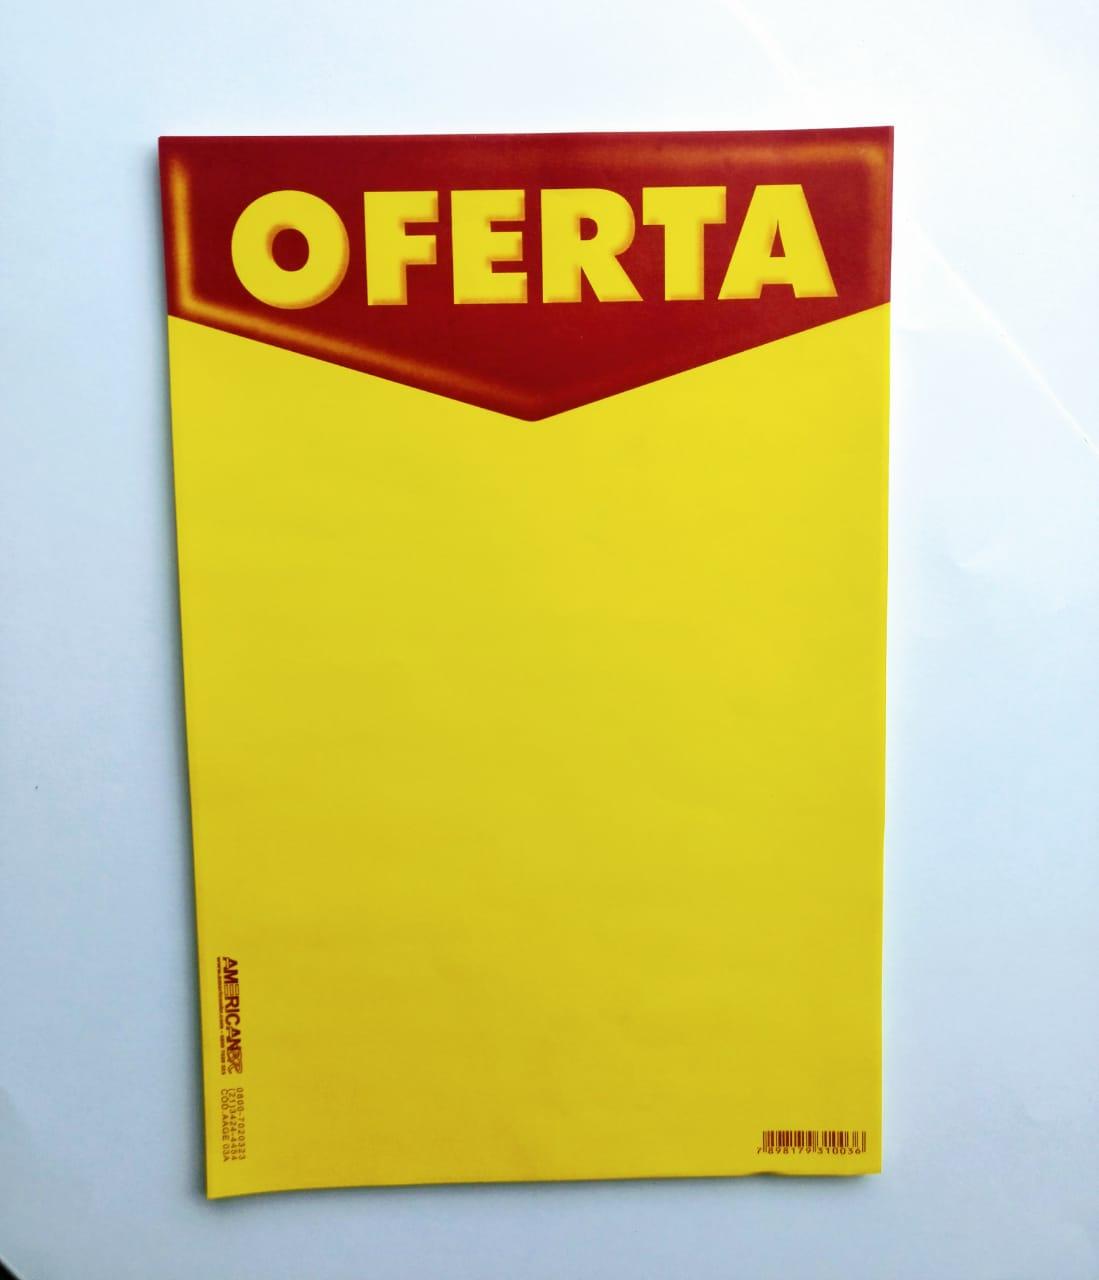 CARTAZ PARA IMPRESSORA OFERTA  (C/50 UNIDADES) TAMANHO (A4)